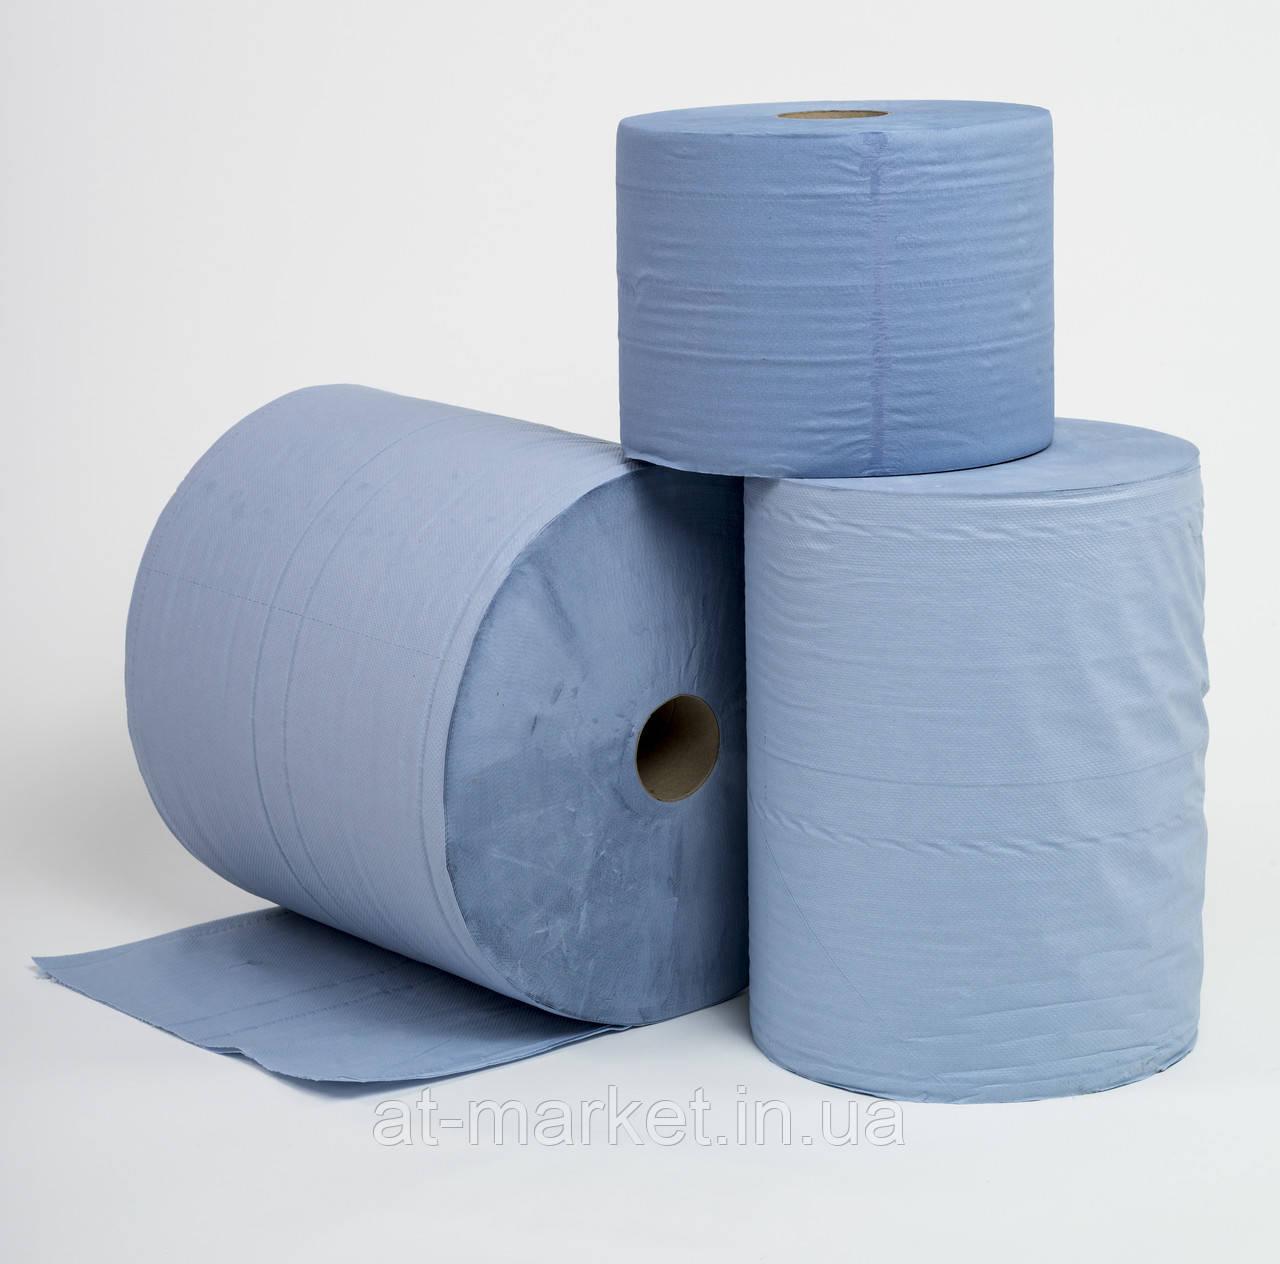 Бумага SERWO двухслойная для очистки в рулонах